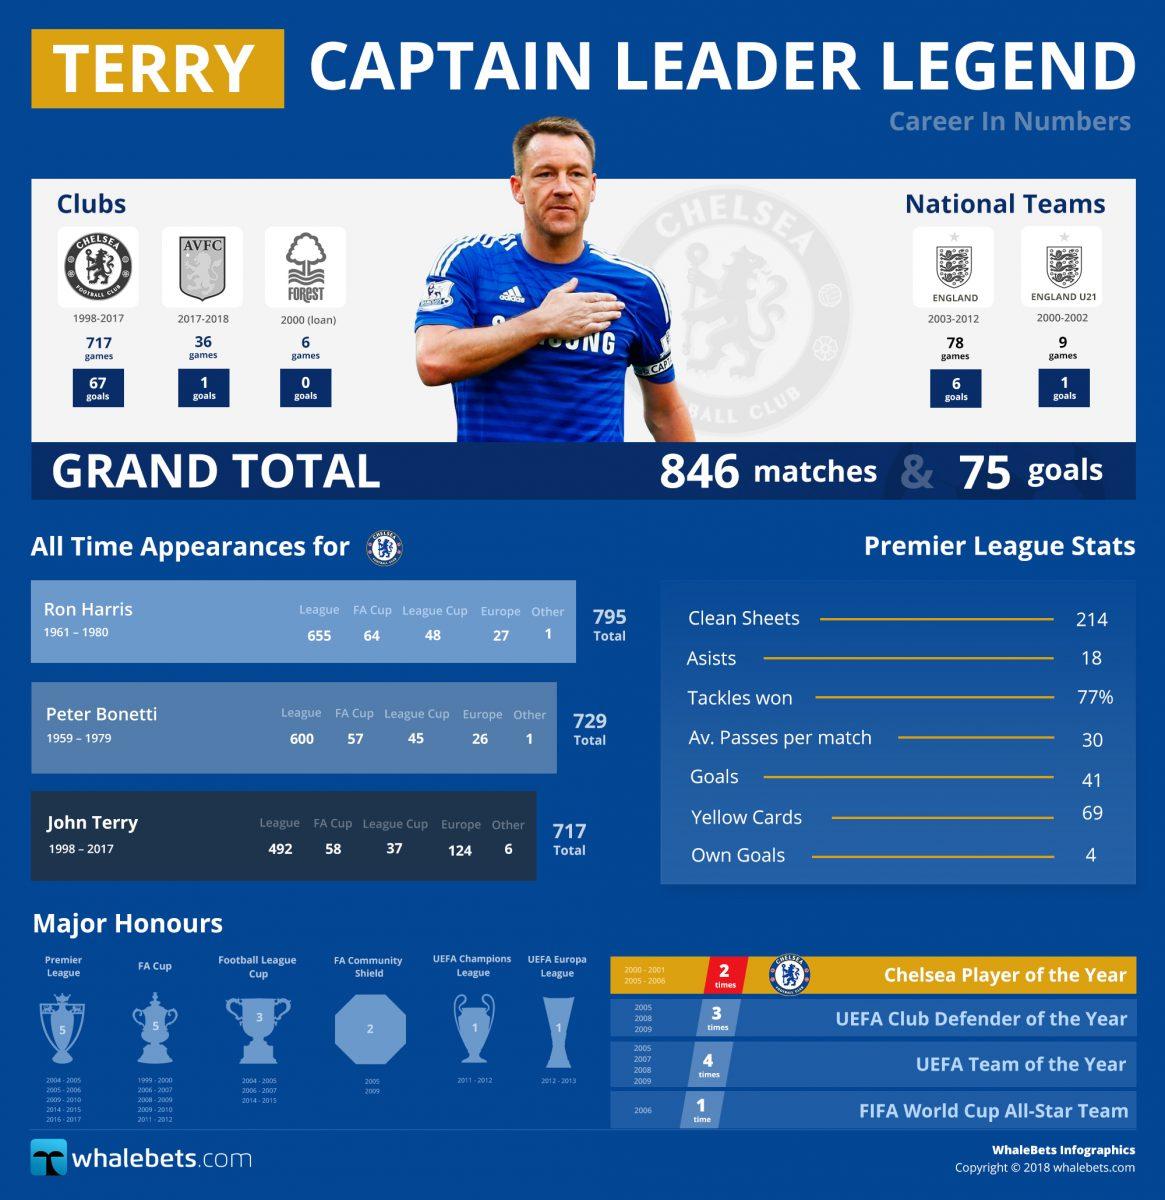 Terry - Captain Leader Legend